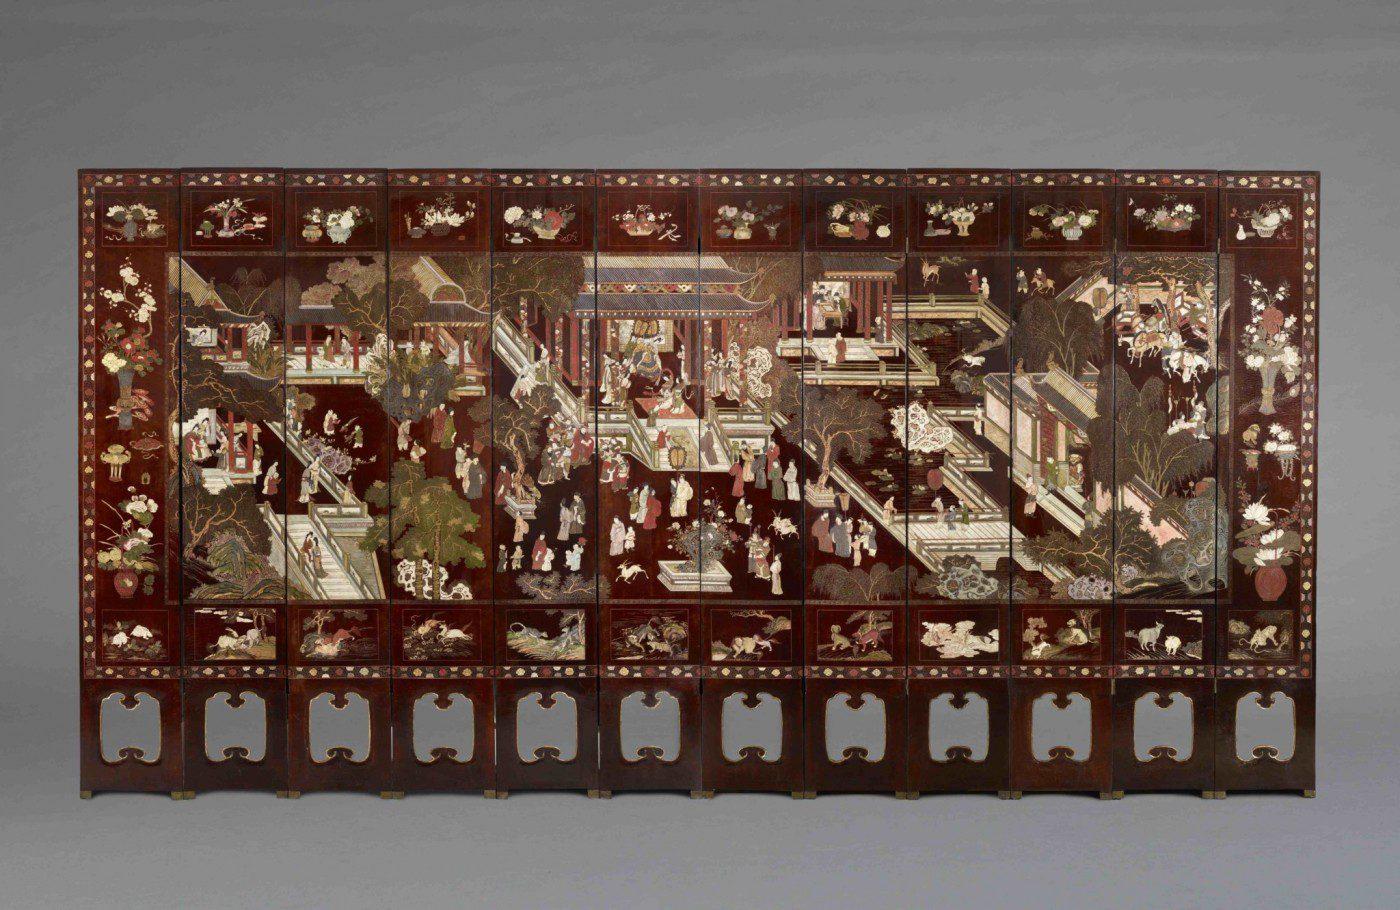 Face d'un paravent en laque de coromandel daté 1691